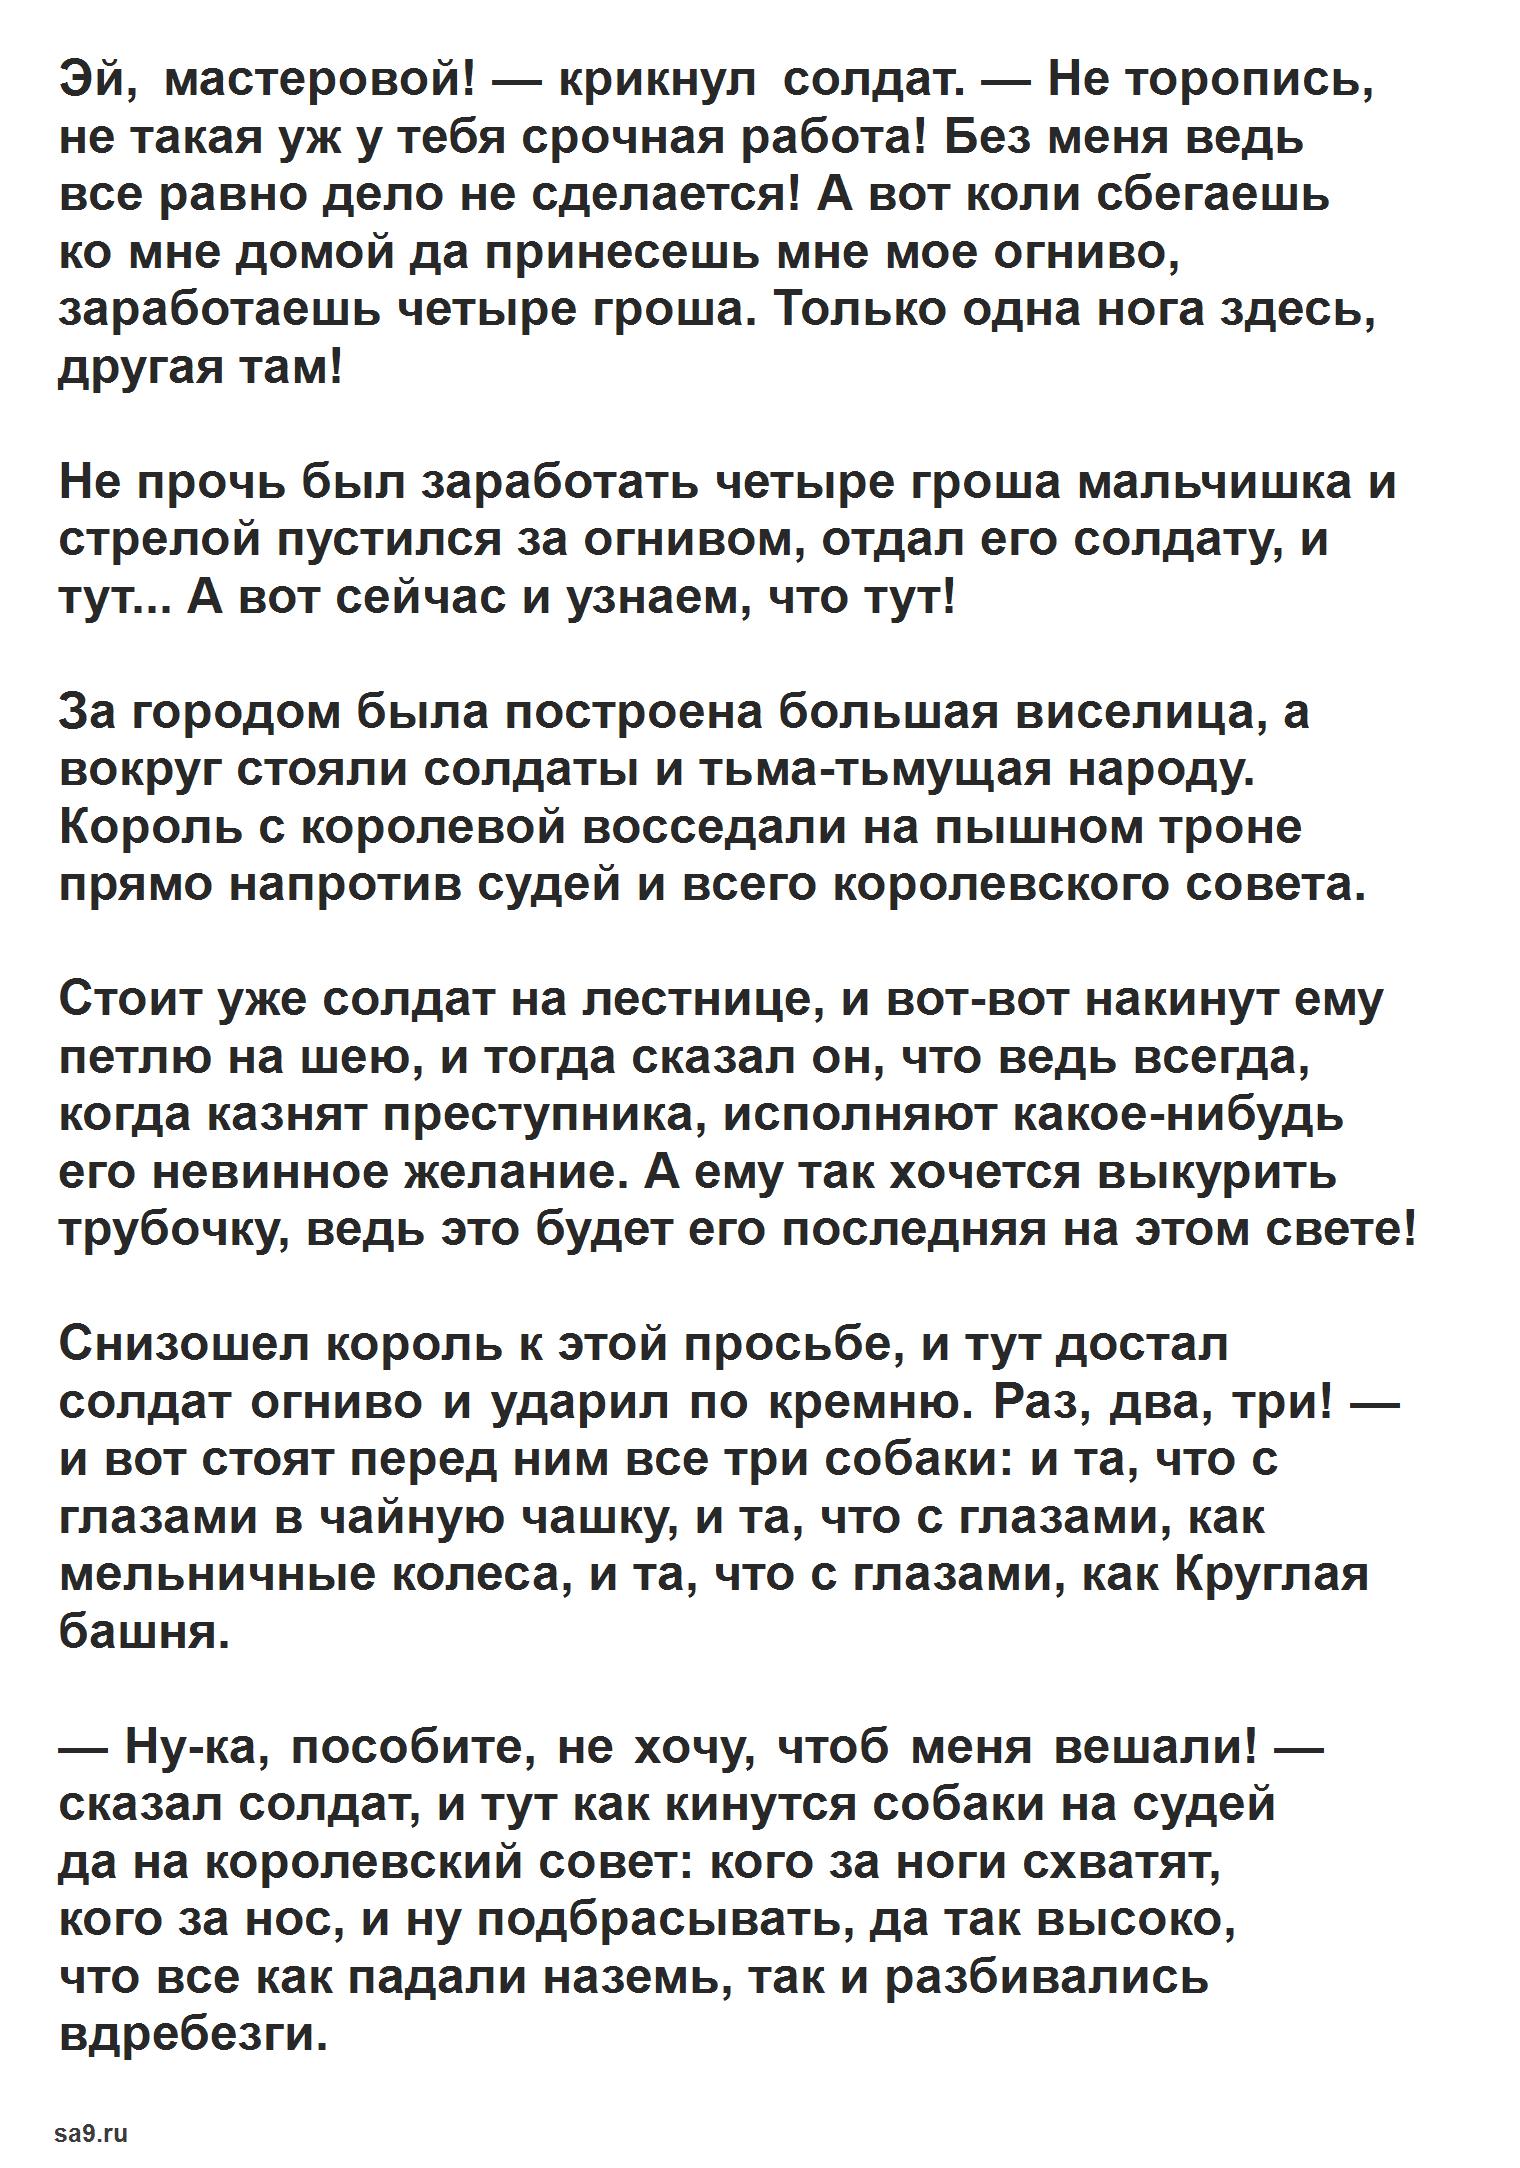 Читать сказку - Огниво, Андерсен